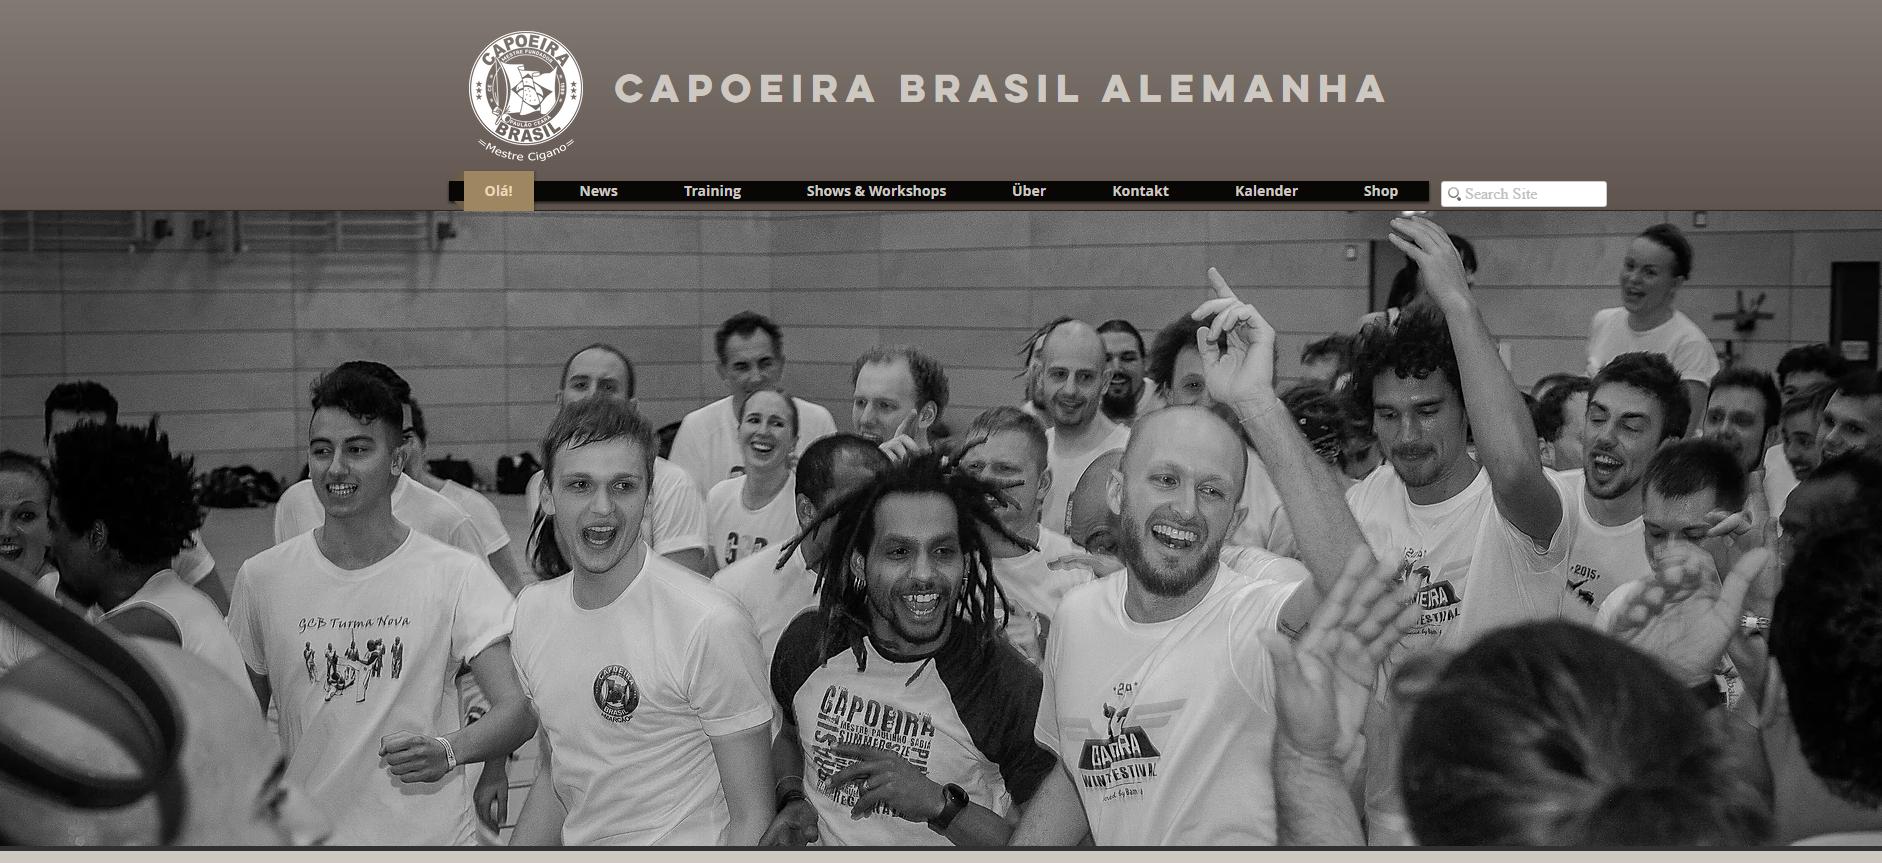 Relaunch der Website eines Capoeira-Vereins. Aufgaben: Strukturoptimierung, Verfassen der Texte, Einbau des vorhandenen Bildmaterials. Und natürlich...